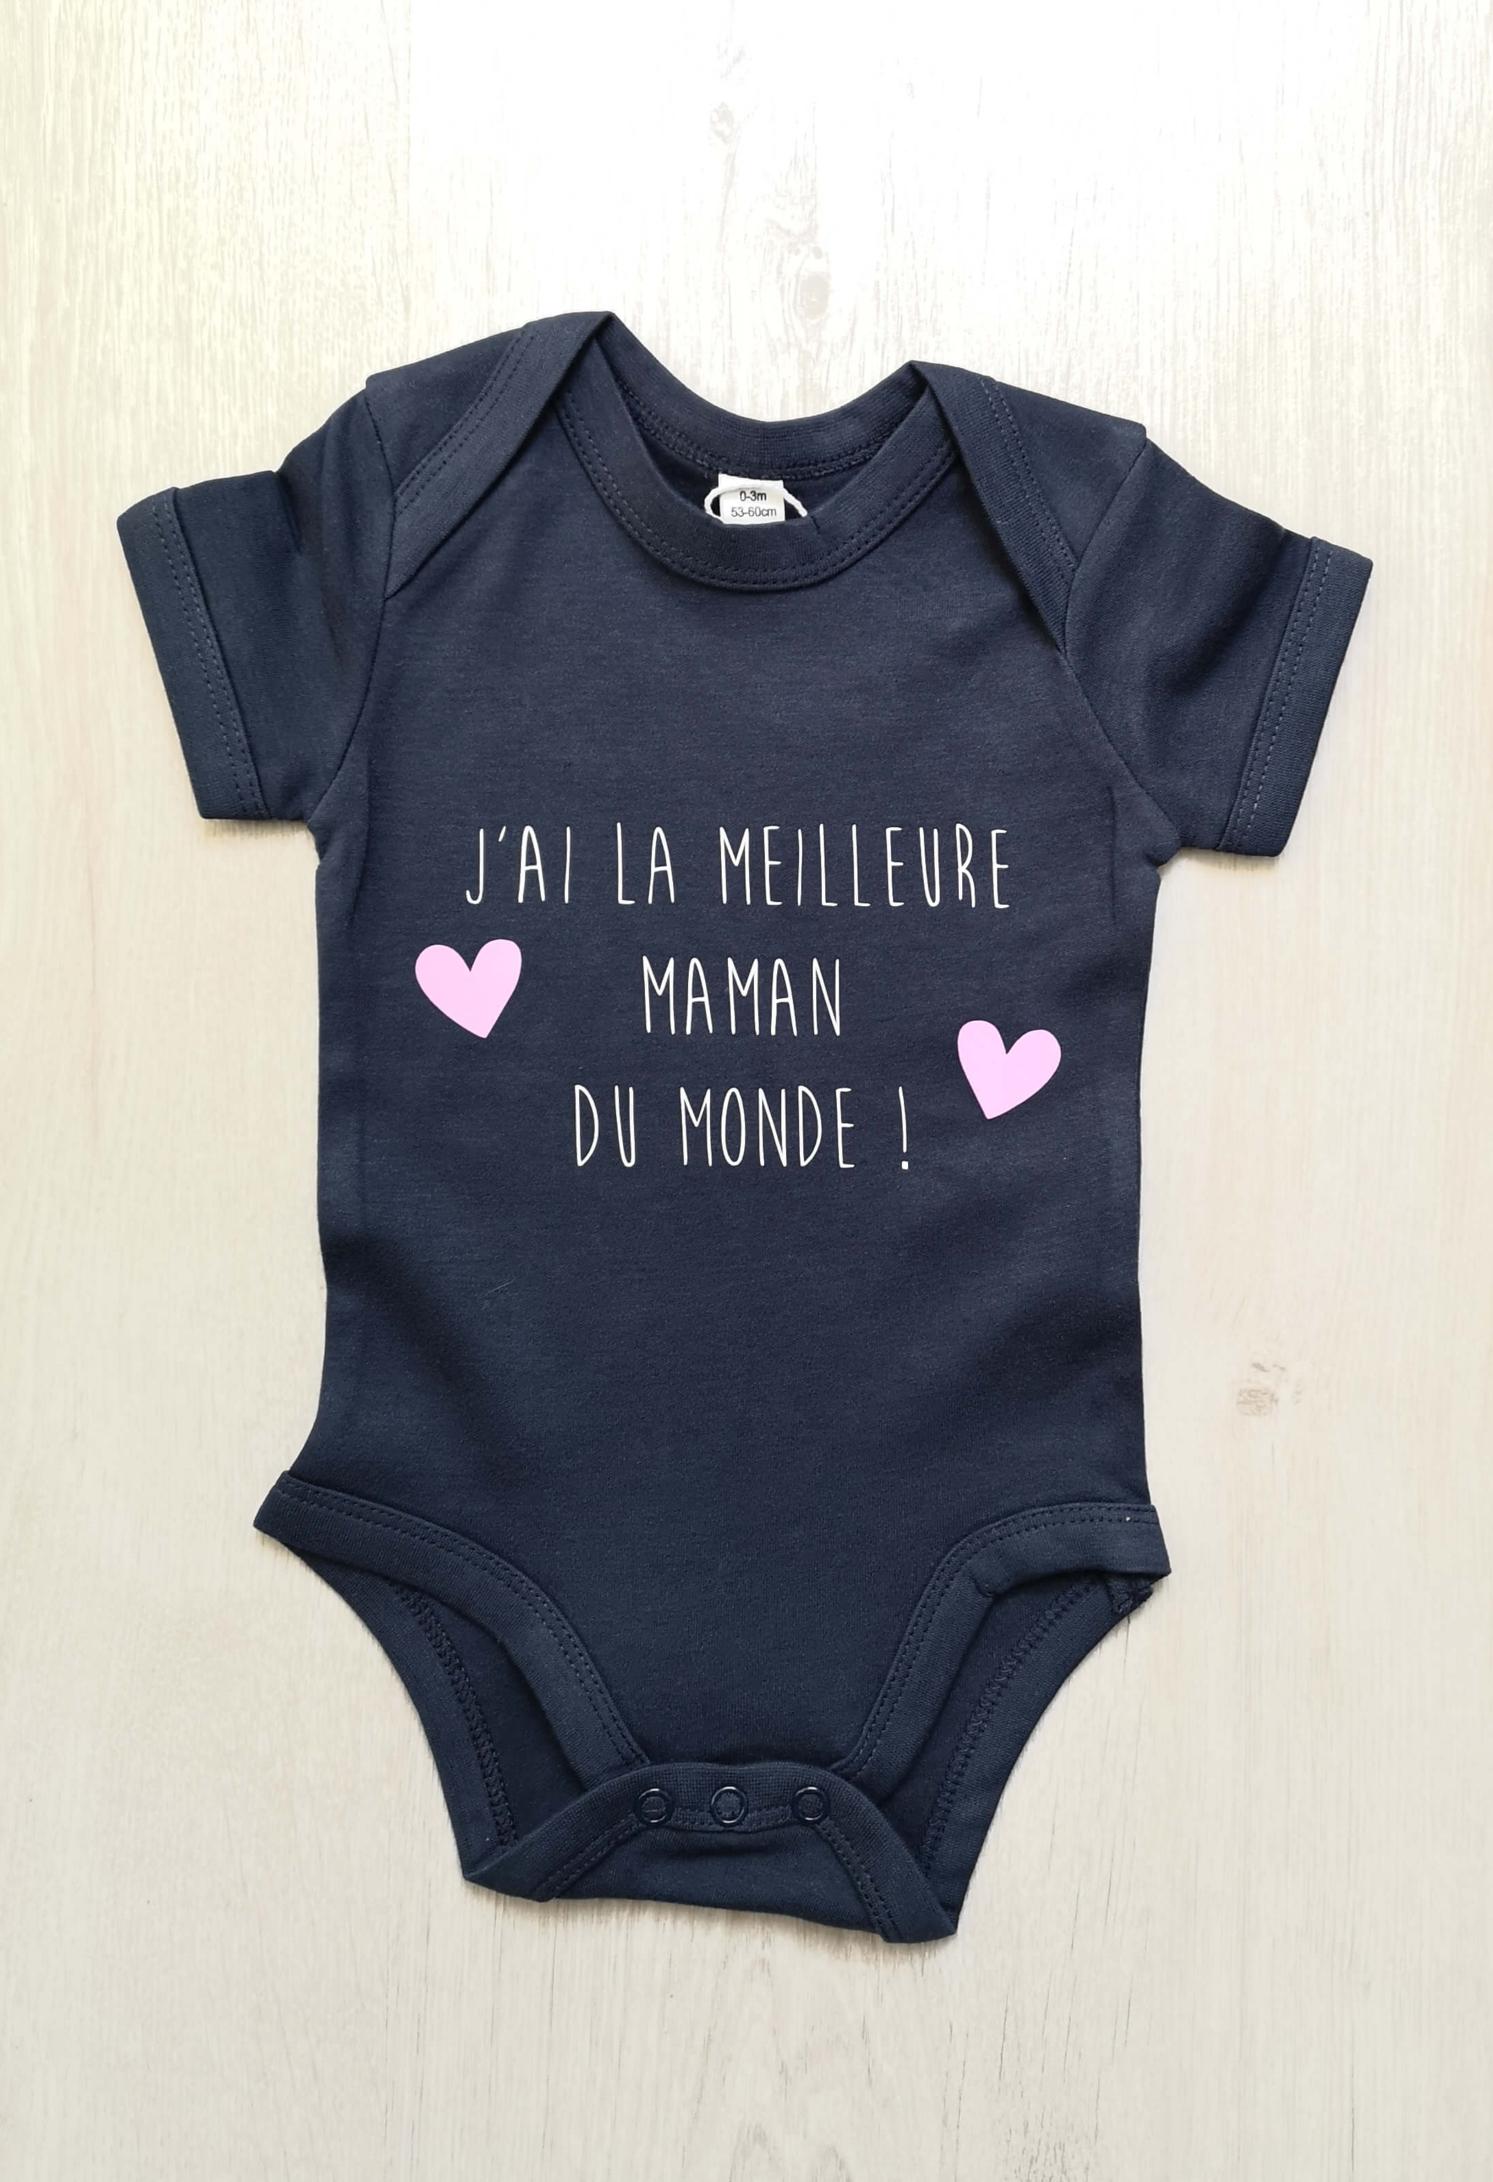 Body bébé personnalisé J'ai la meilleure maman du monde